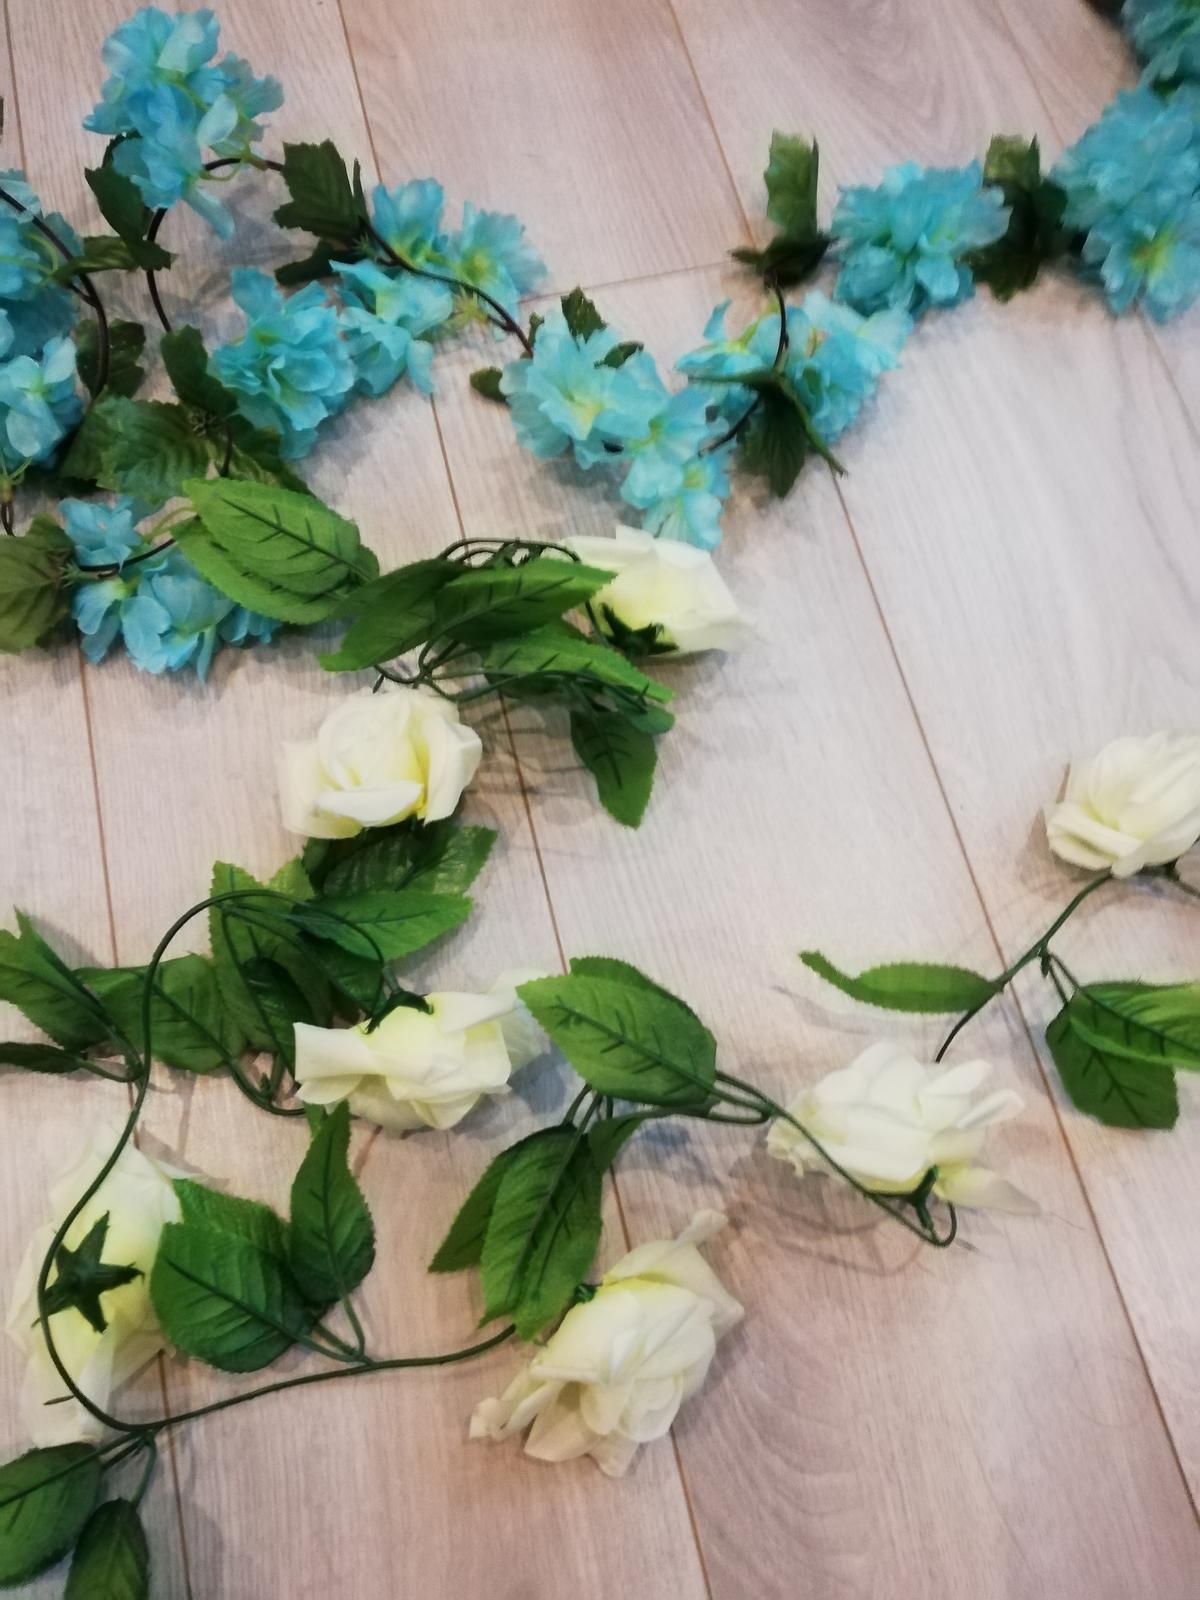 Svadobná výzdoba - tyrkysové kvety - Obrázok č. 1